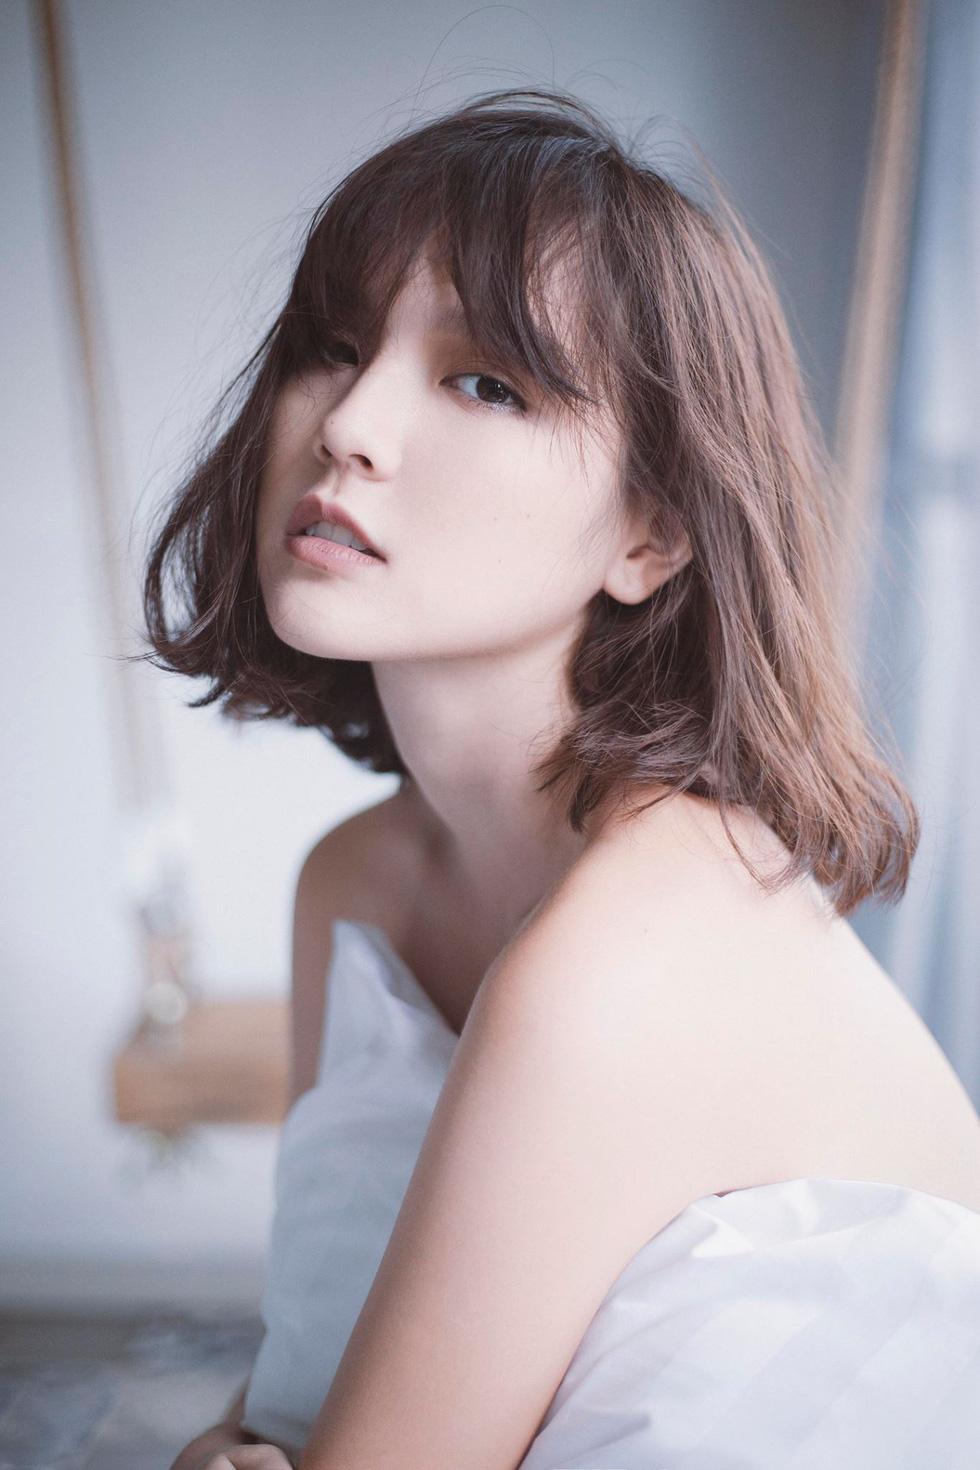 Trai xinh gái đẹp - Phát hiện mới của Charlie Nguyễn và Sơn Tùng M-TP - Ảnh 8.